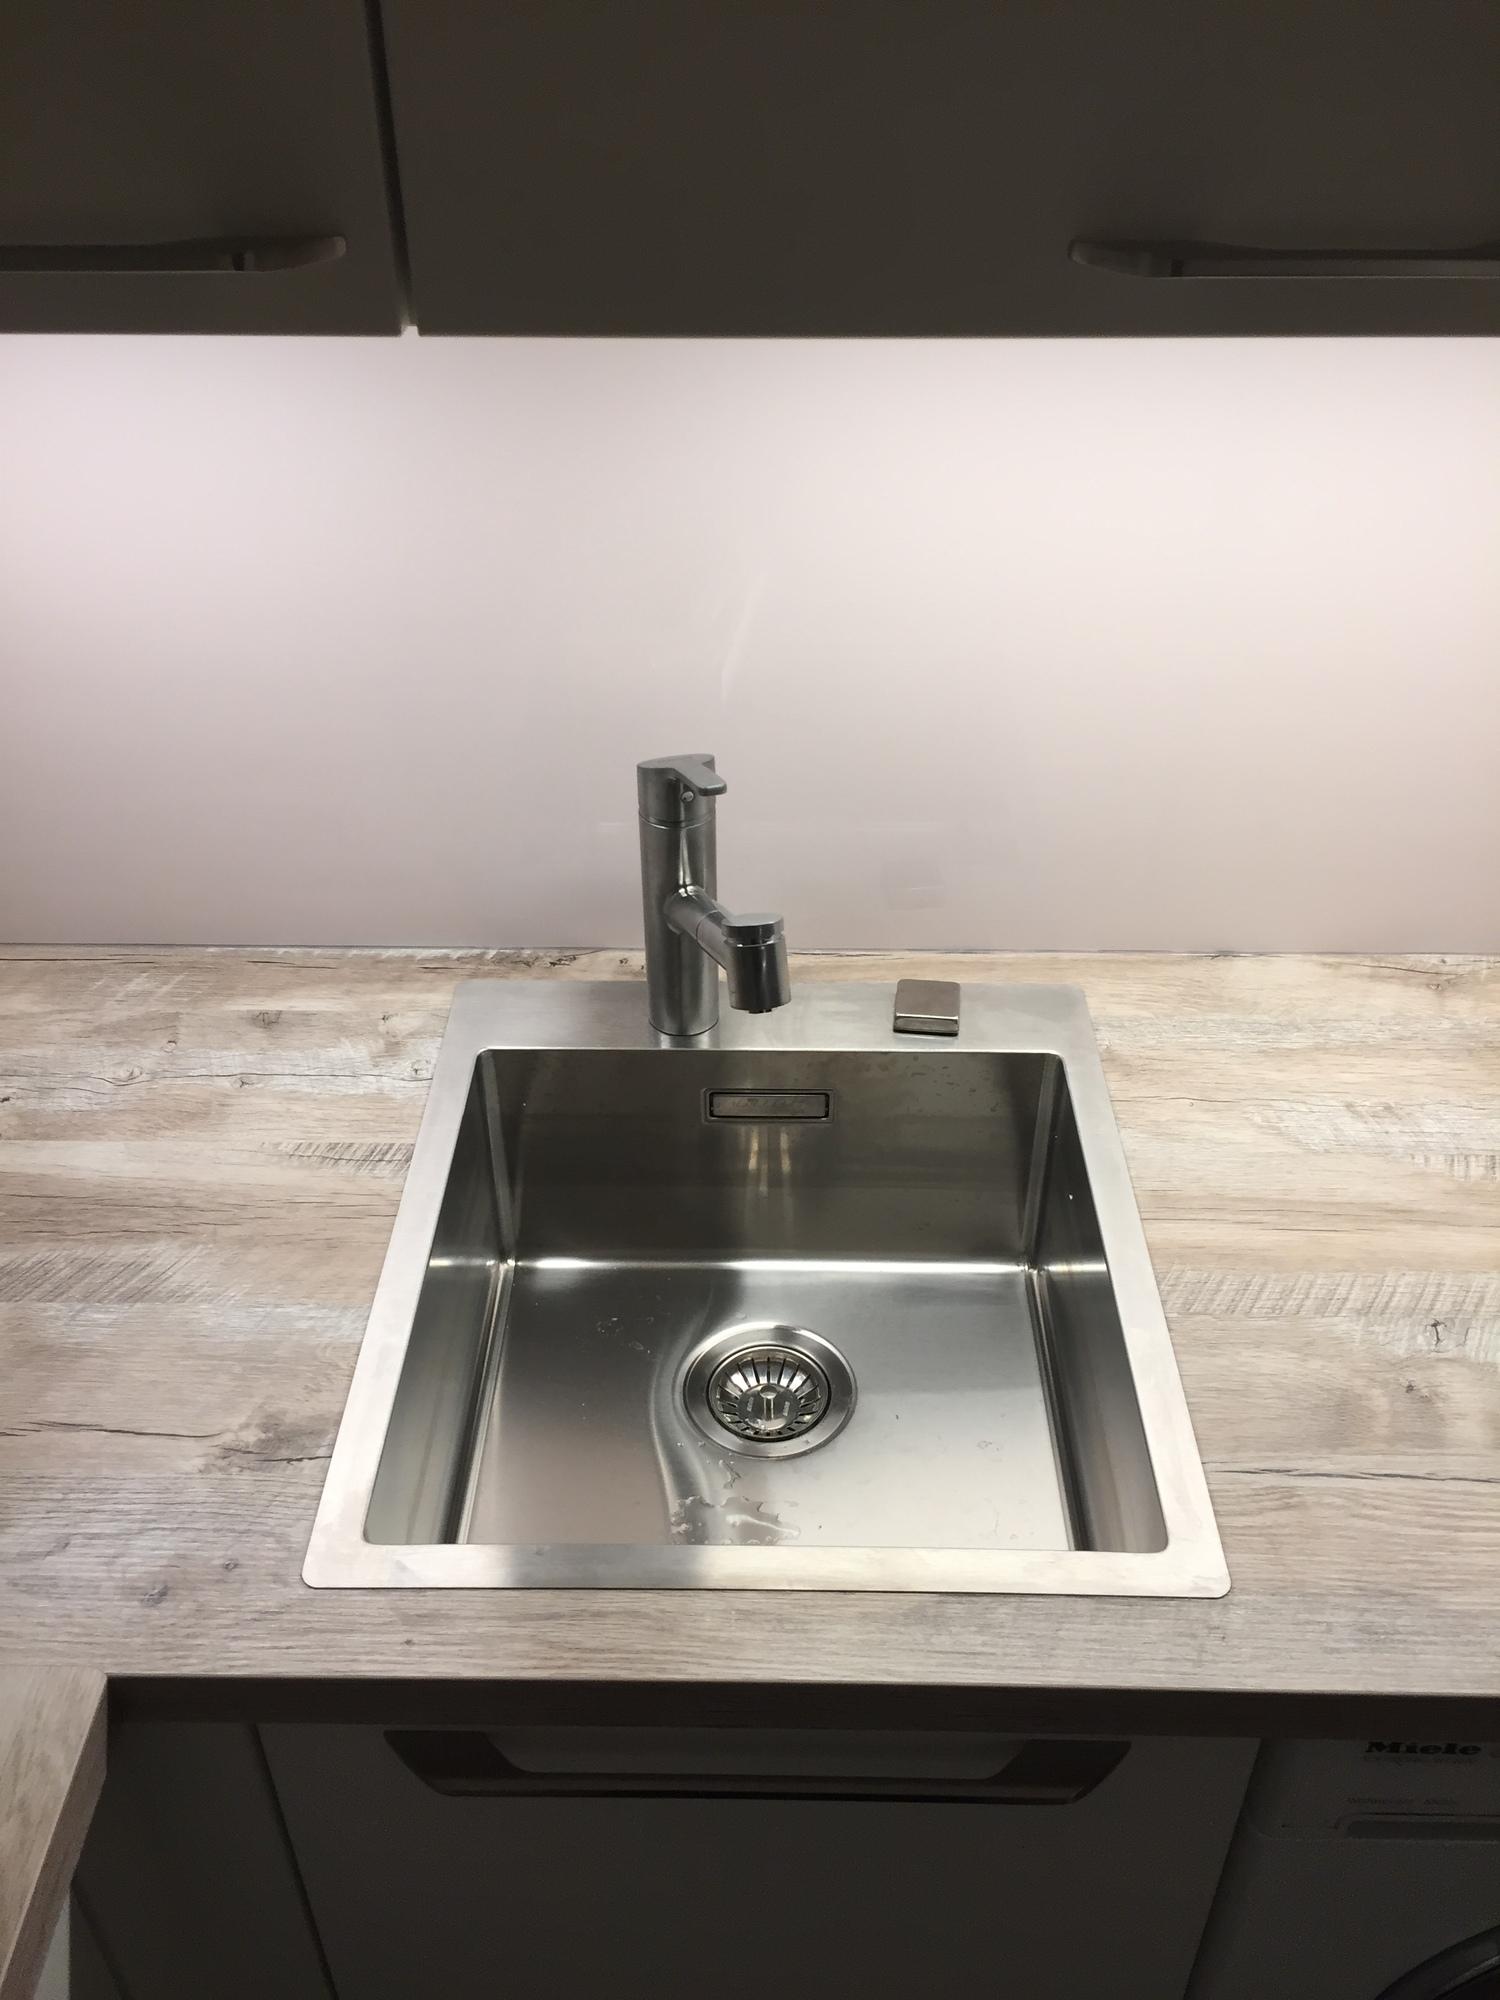 Gemütlich Houzz Kleine Küche Küchen Bilder - Ideen Für Die Küche ...